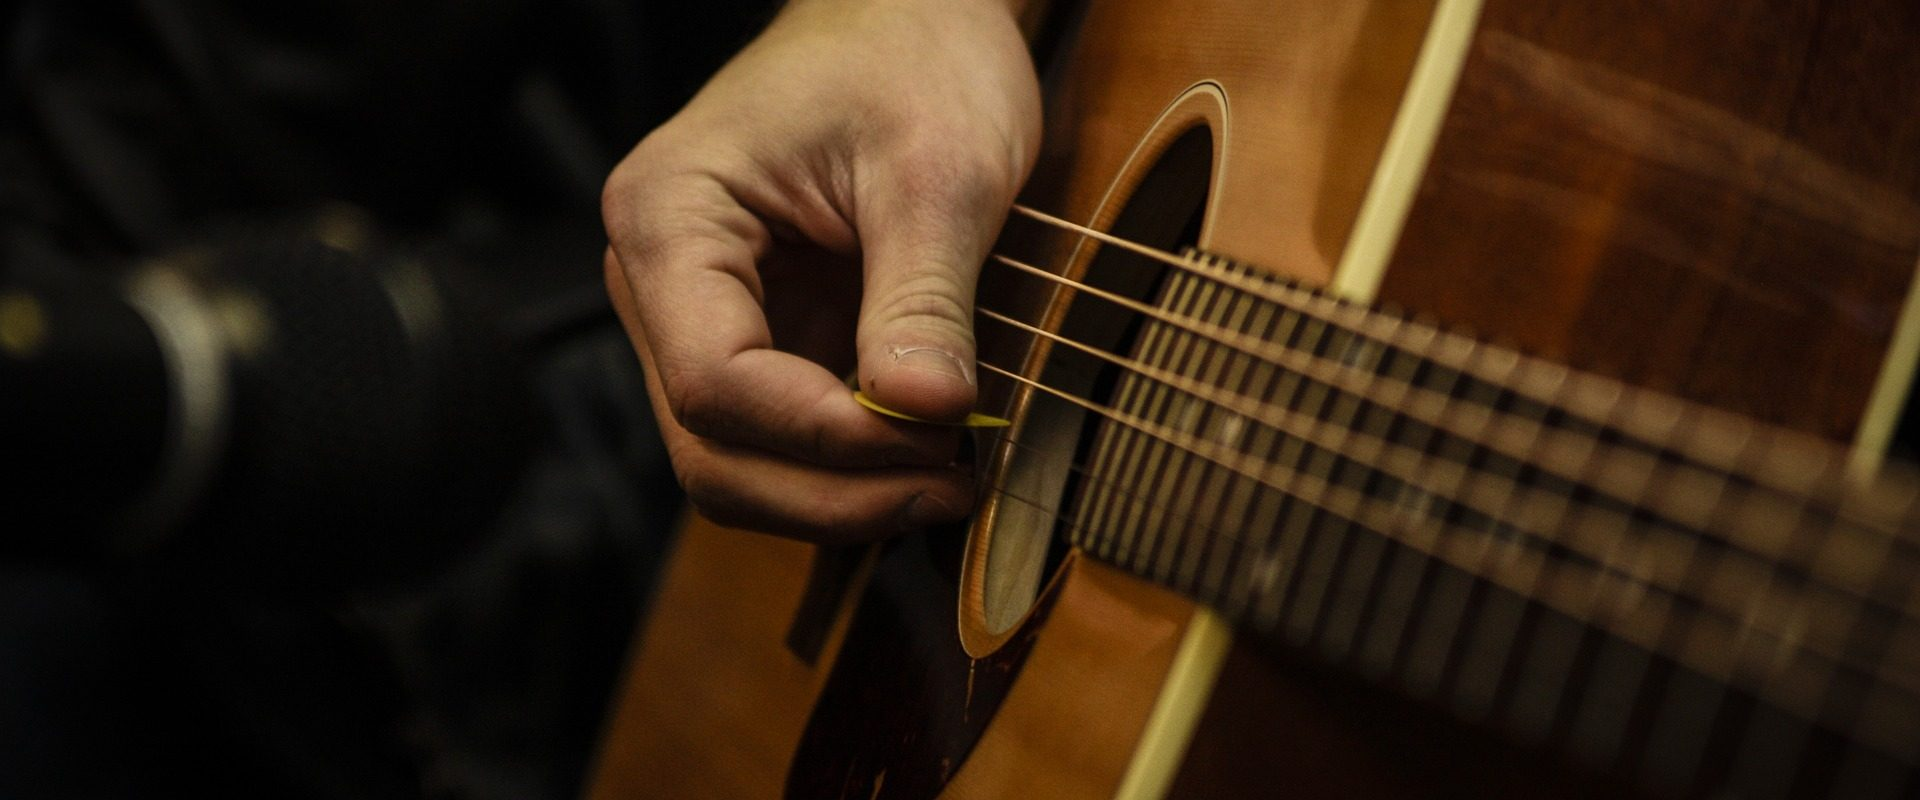 guitar-670087_1920